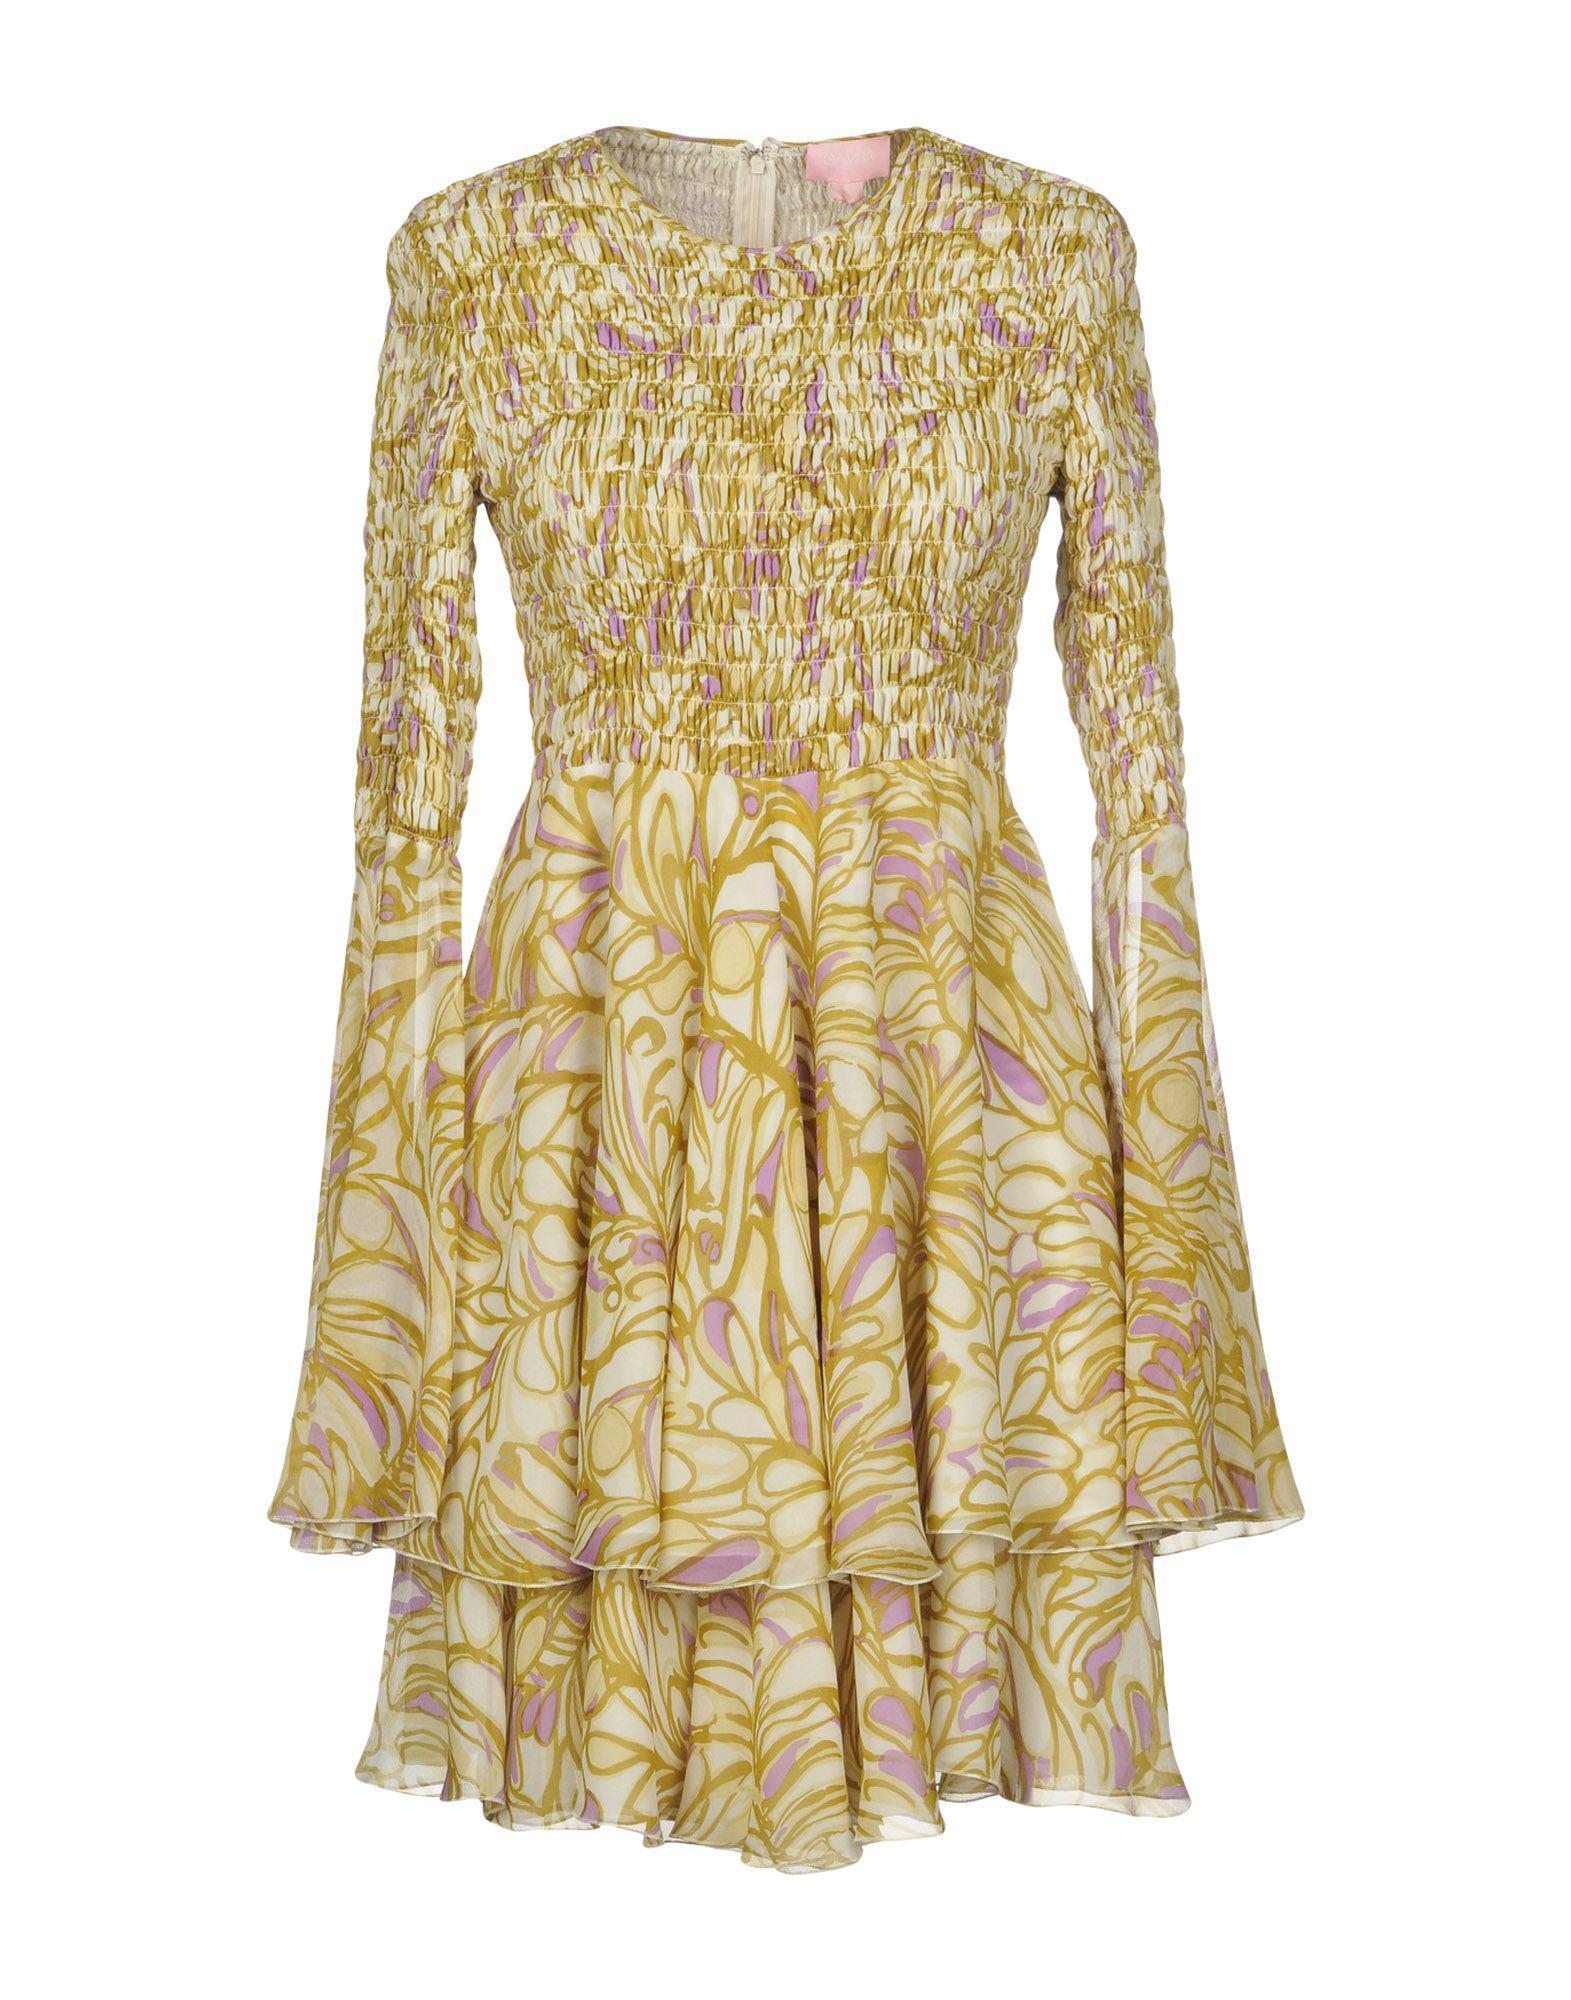 d0190cdb22f2 Lyst - Giamba Short Dress in Yellow